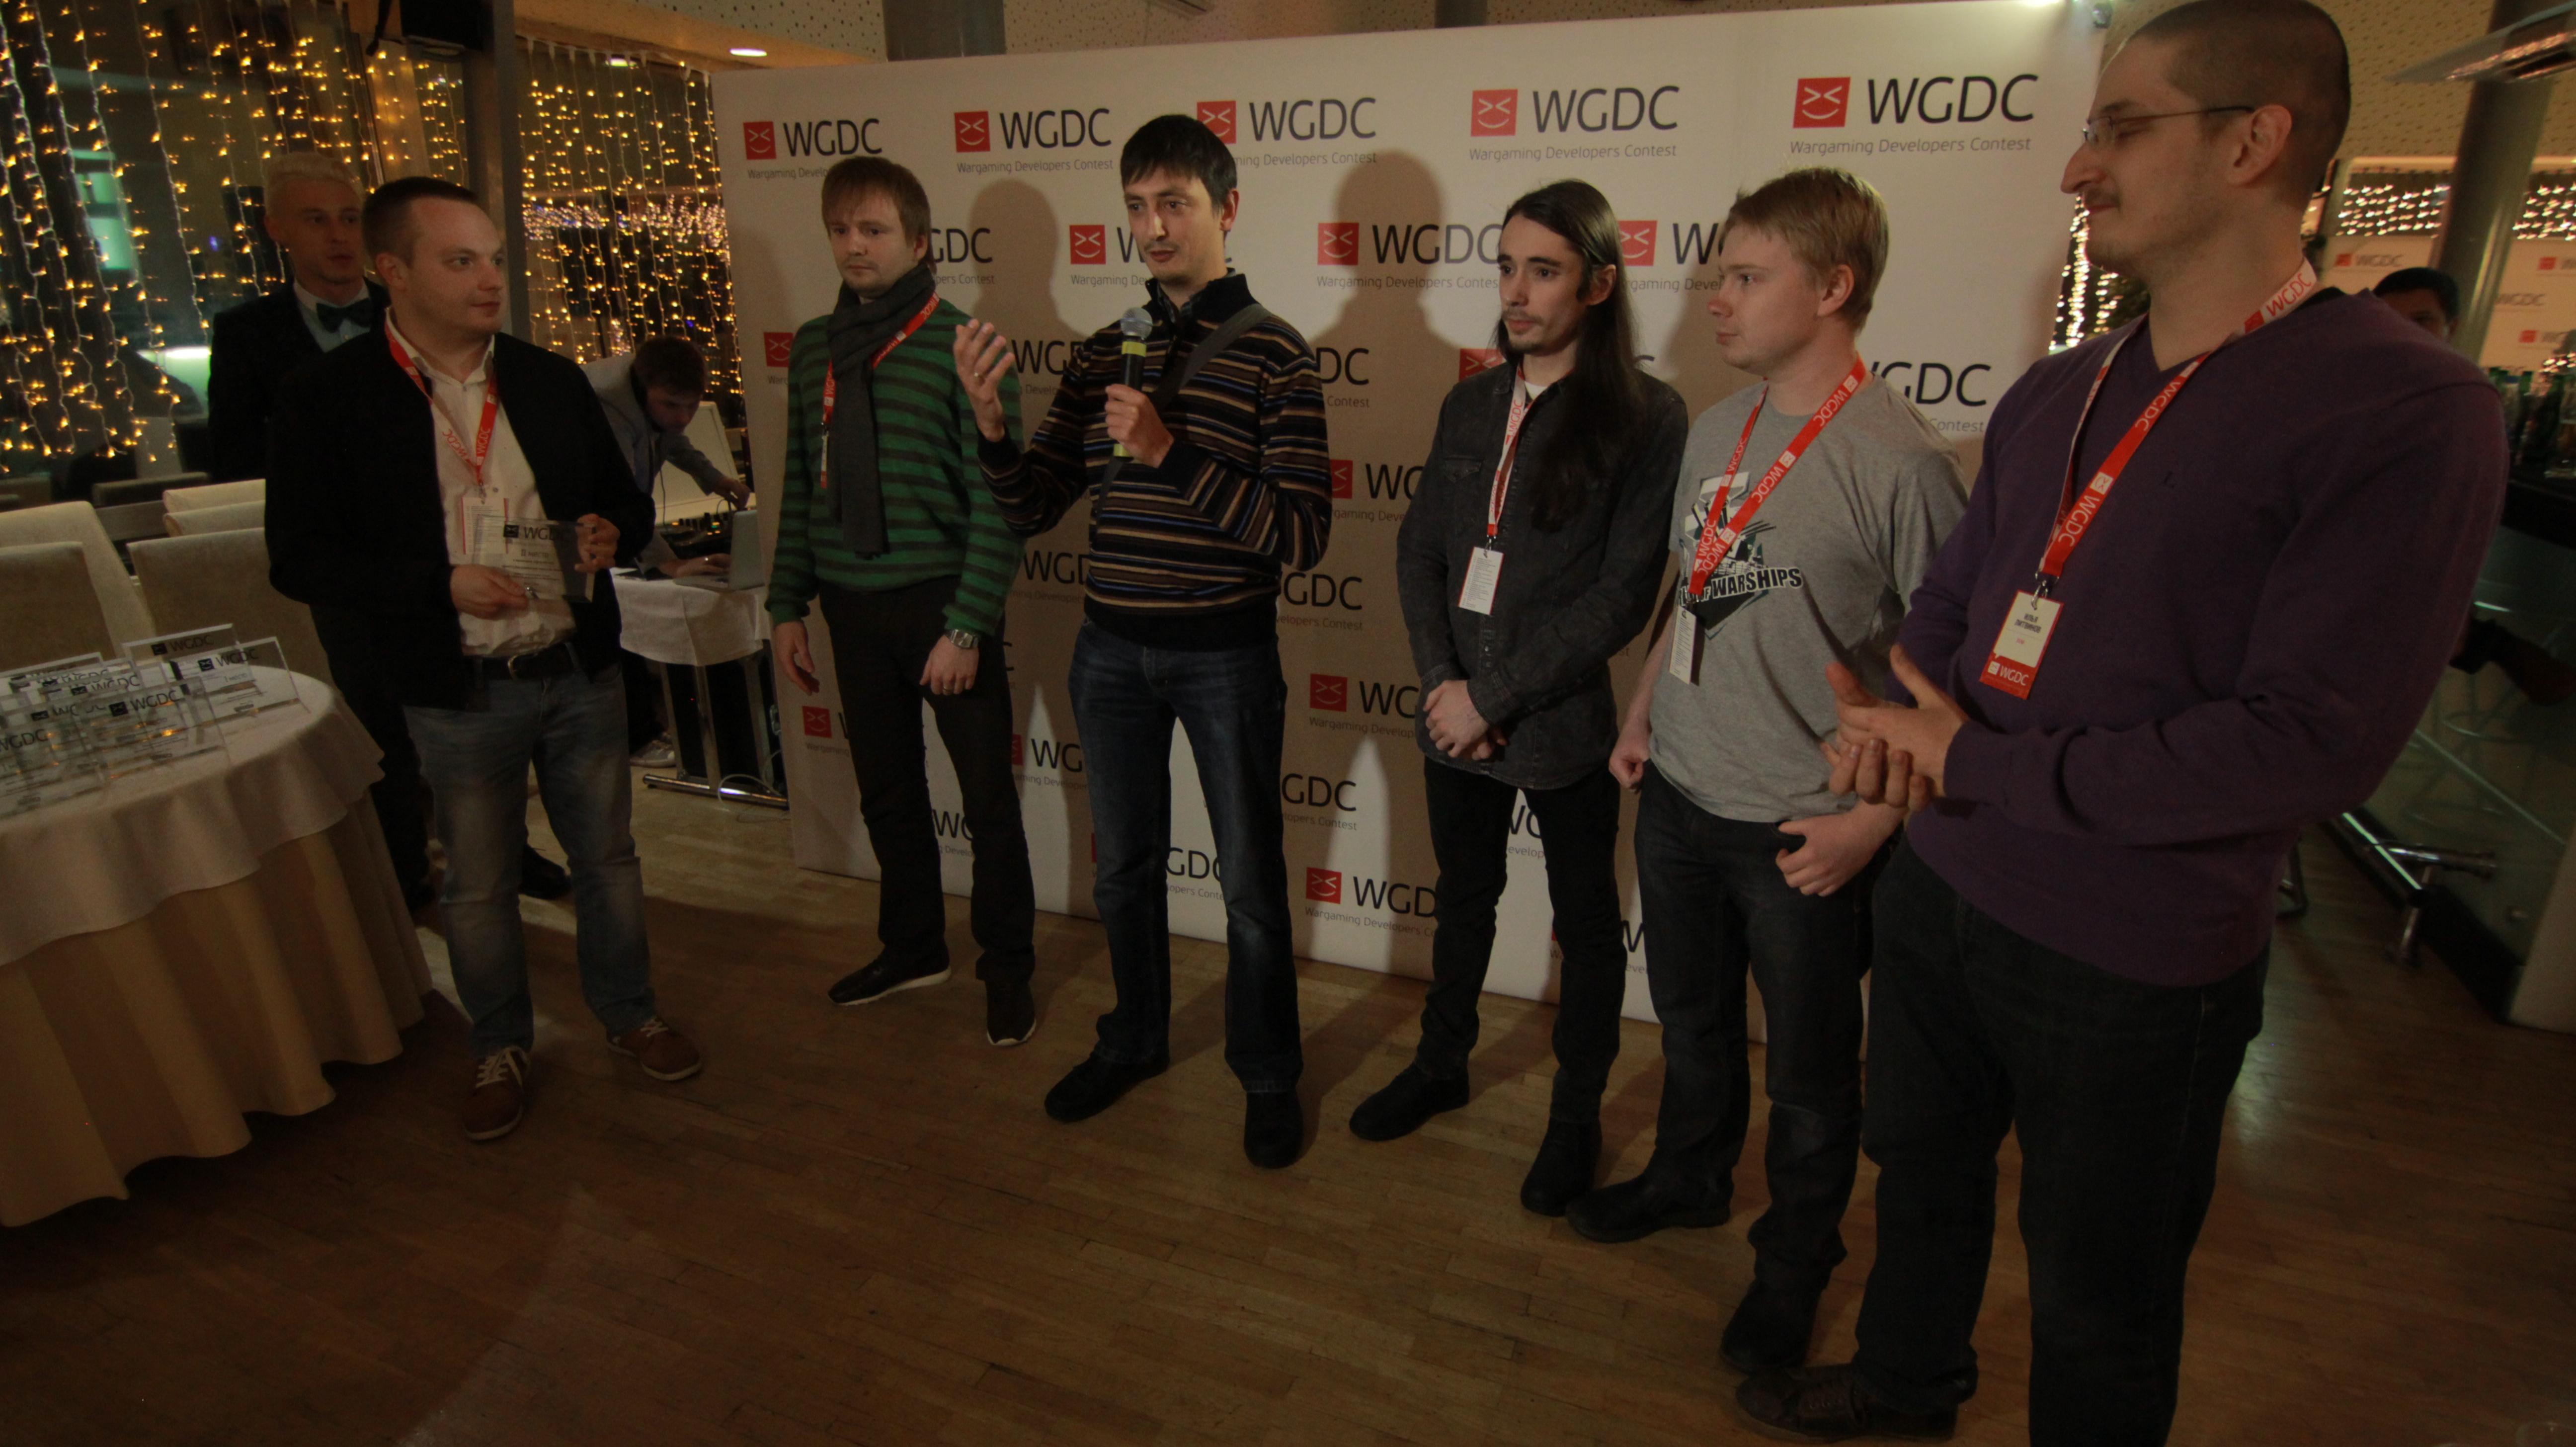 WGN_Photos_WGDC_Conference_Image_17